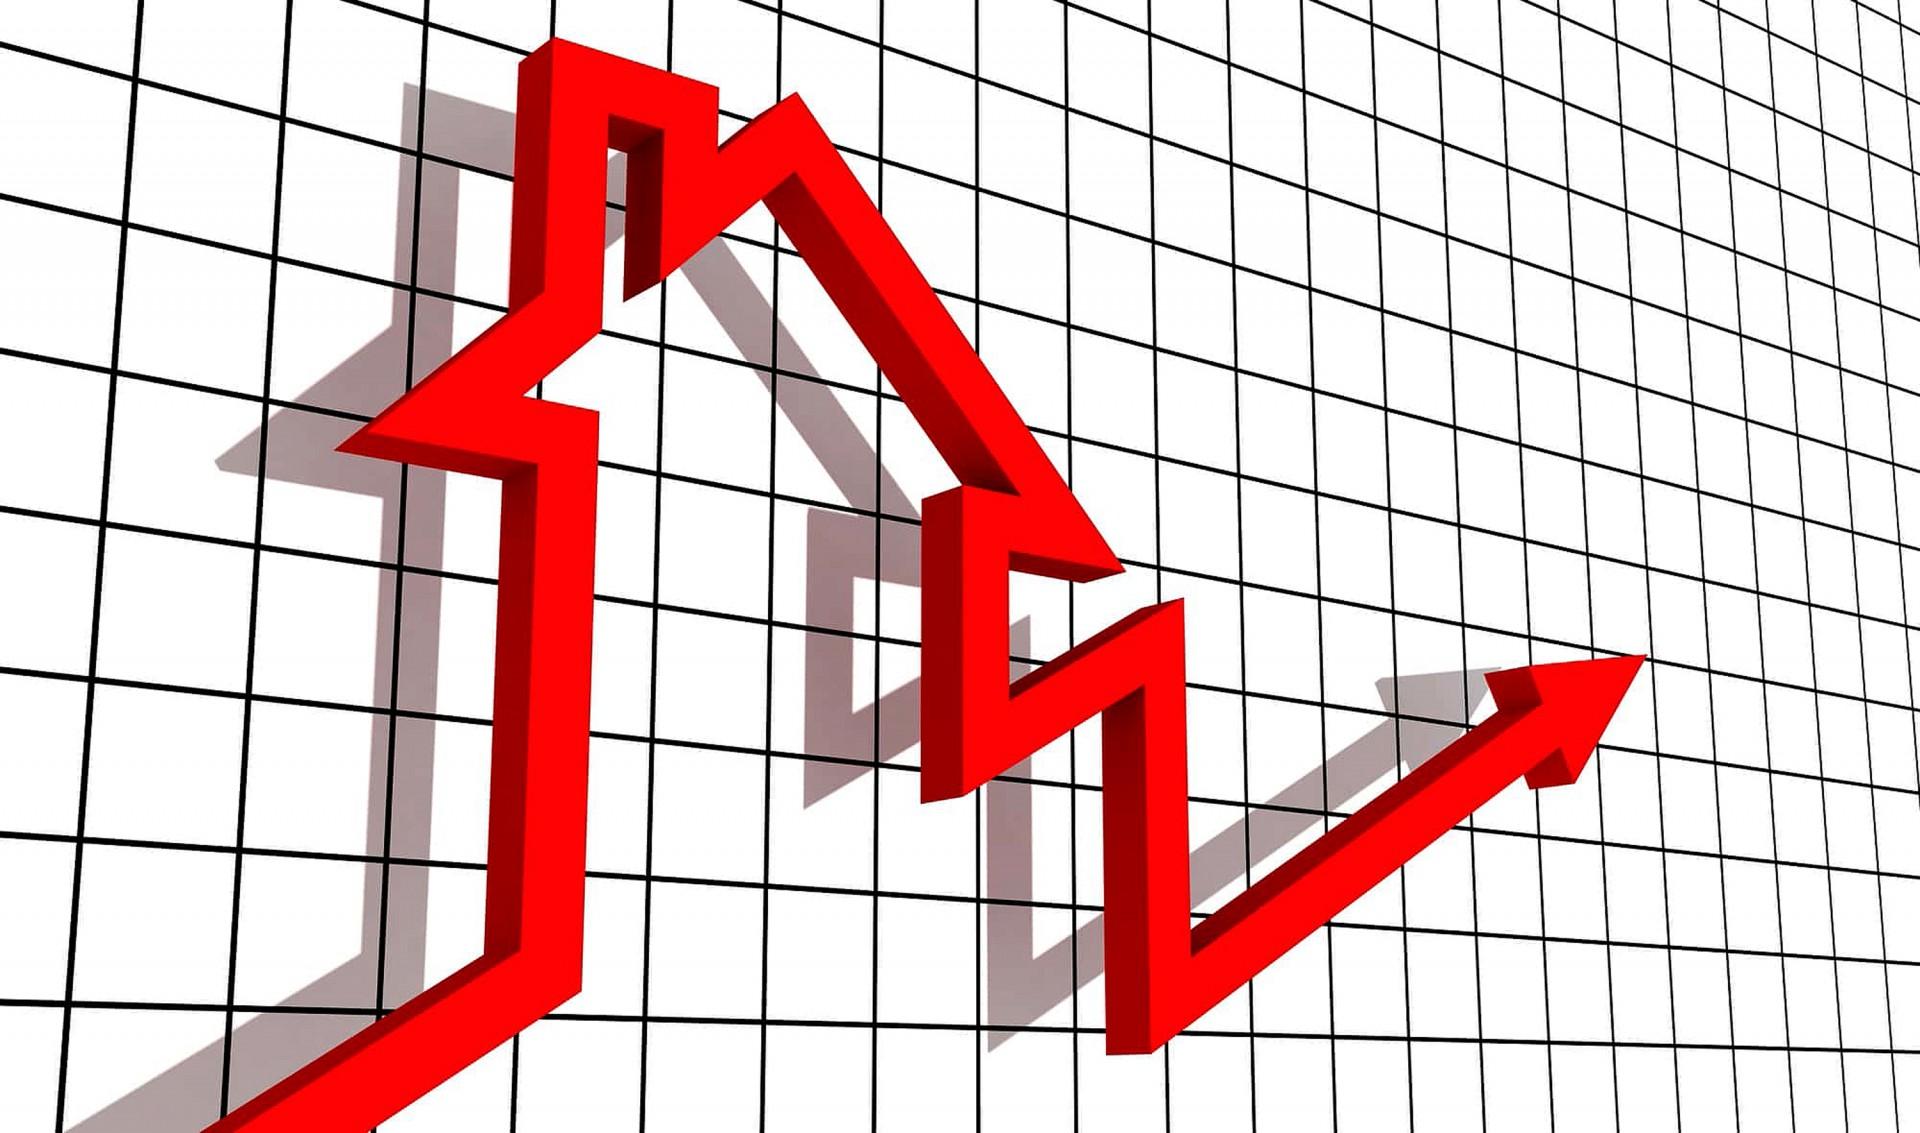 Intenção de compra de imóveis em 2021 encontra-se no patamar do período pré-pandemia, em 2020 Crédito: Banco de Imagens